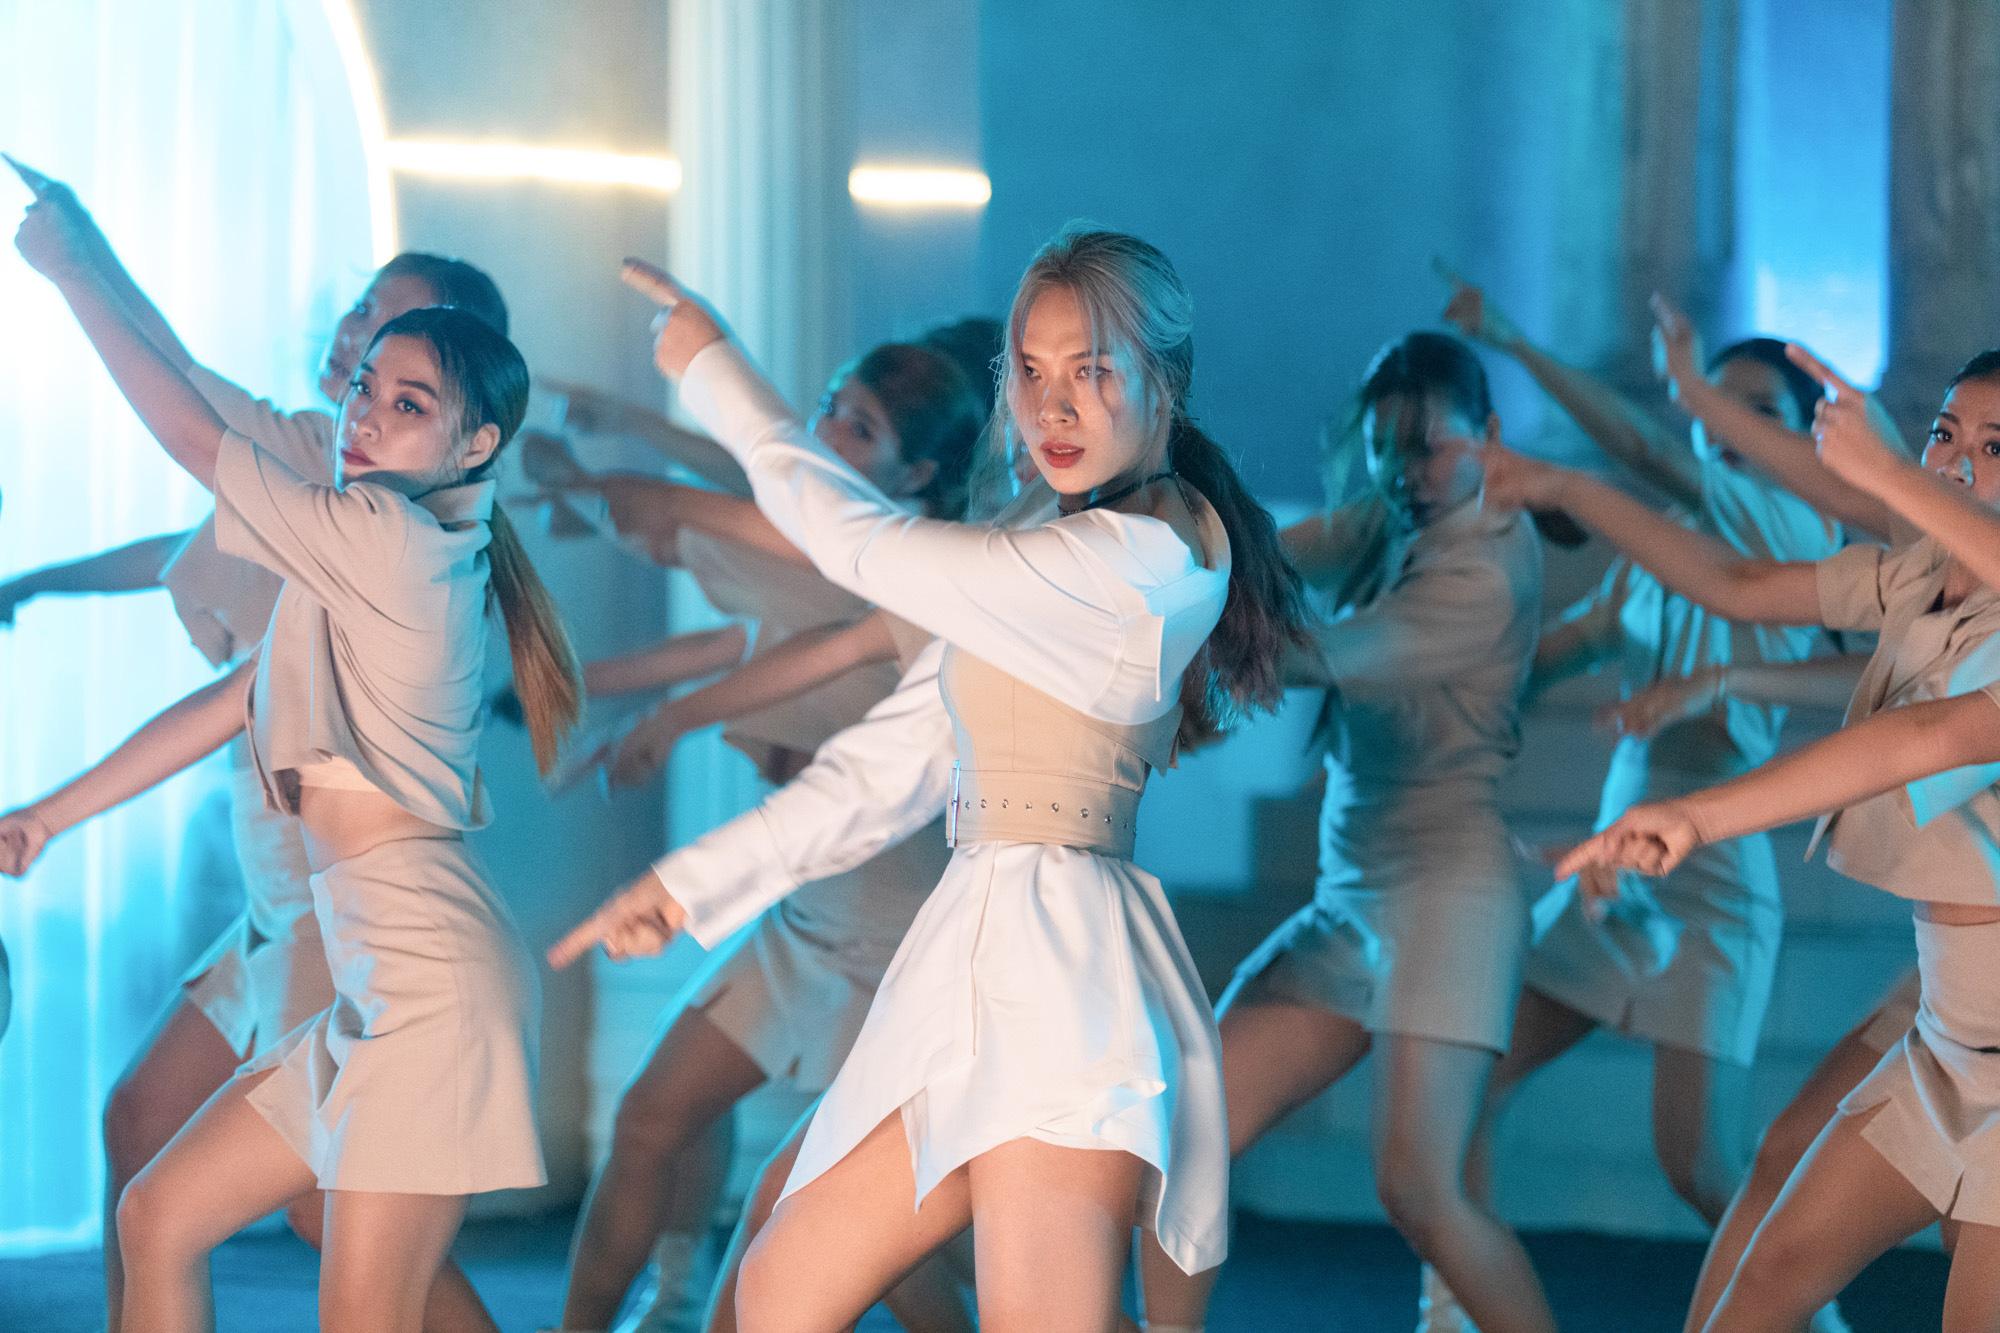 Đúng cũng thành sai - MV mới của Mỹ Tâm lập kỷ lục khủng sau 12 giờ ra mắt - Ảnh 5.